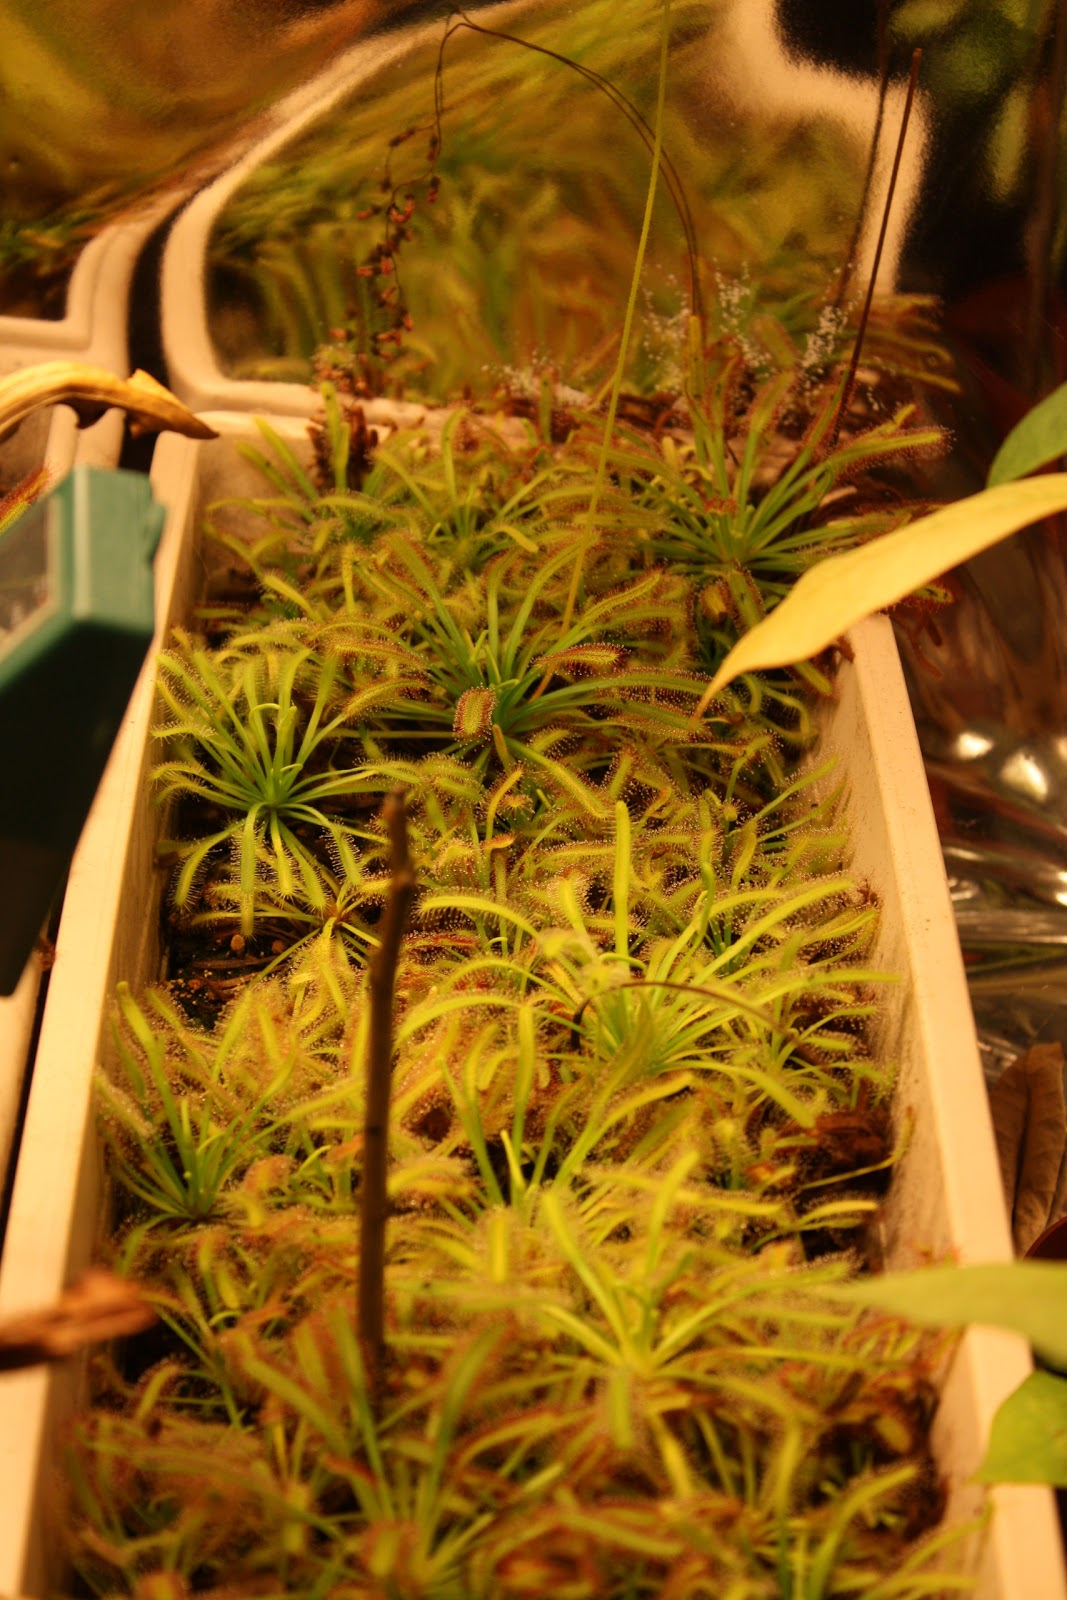 Mini Moucheron Dans La Maison notre ti chez nous: plantes : culture de drosera capensis